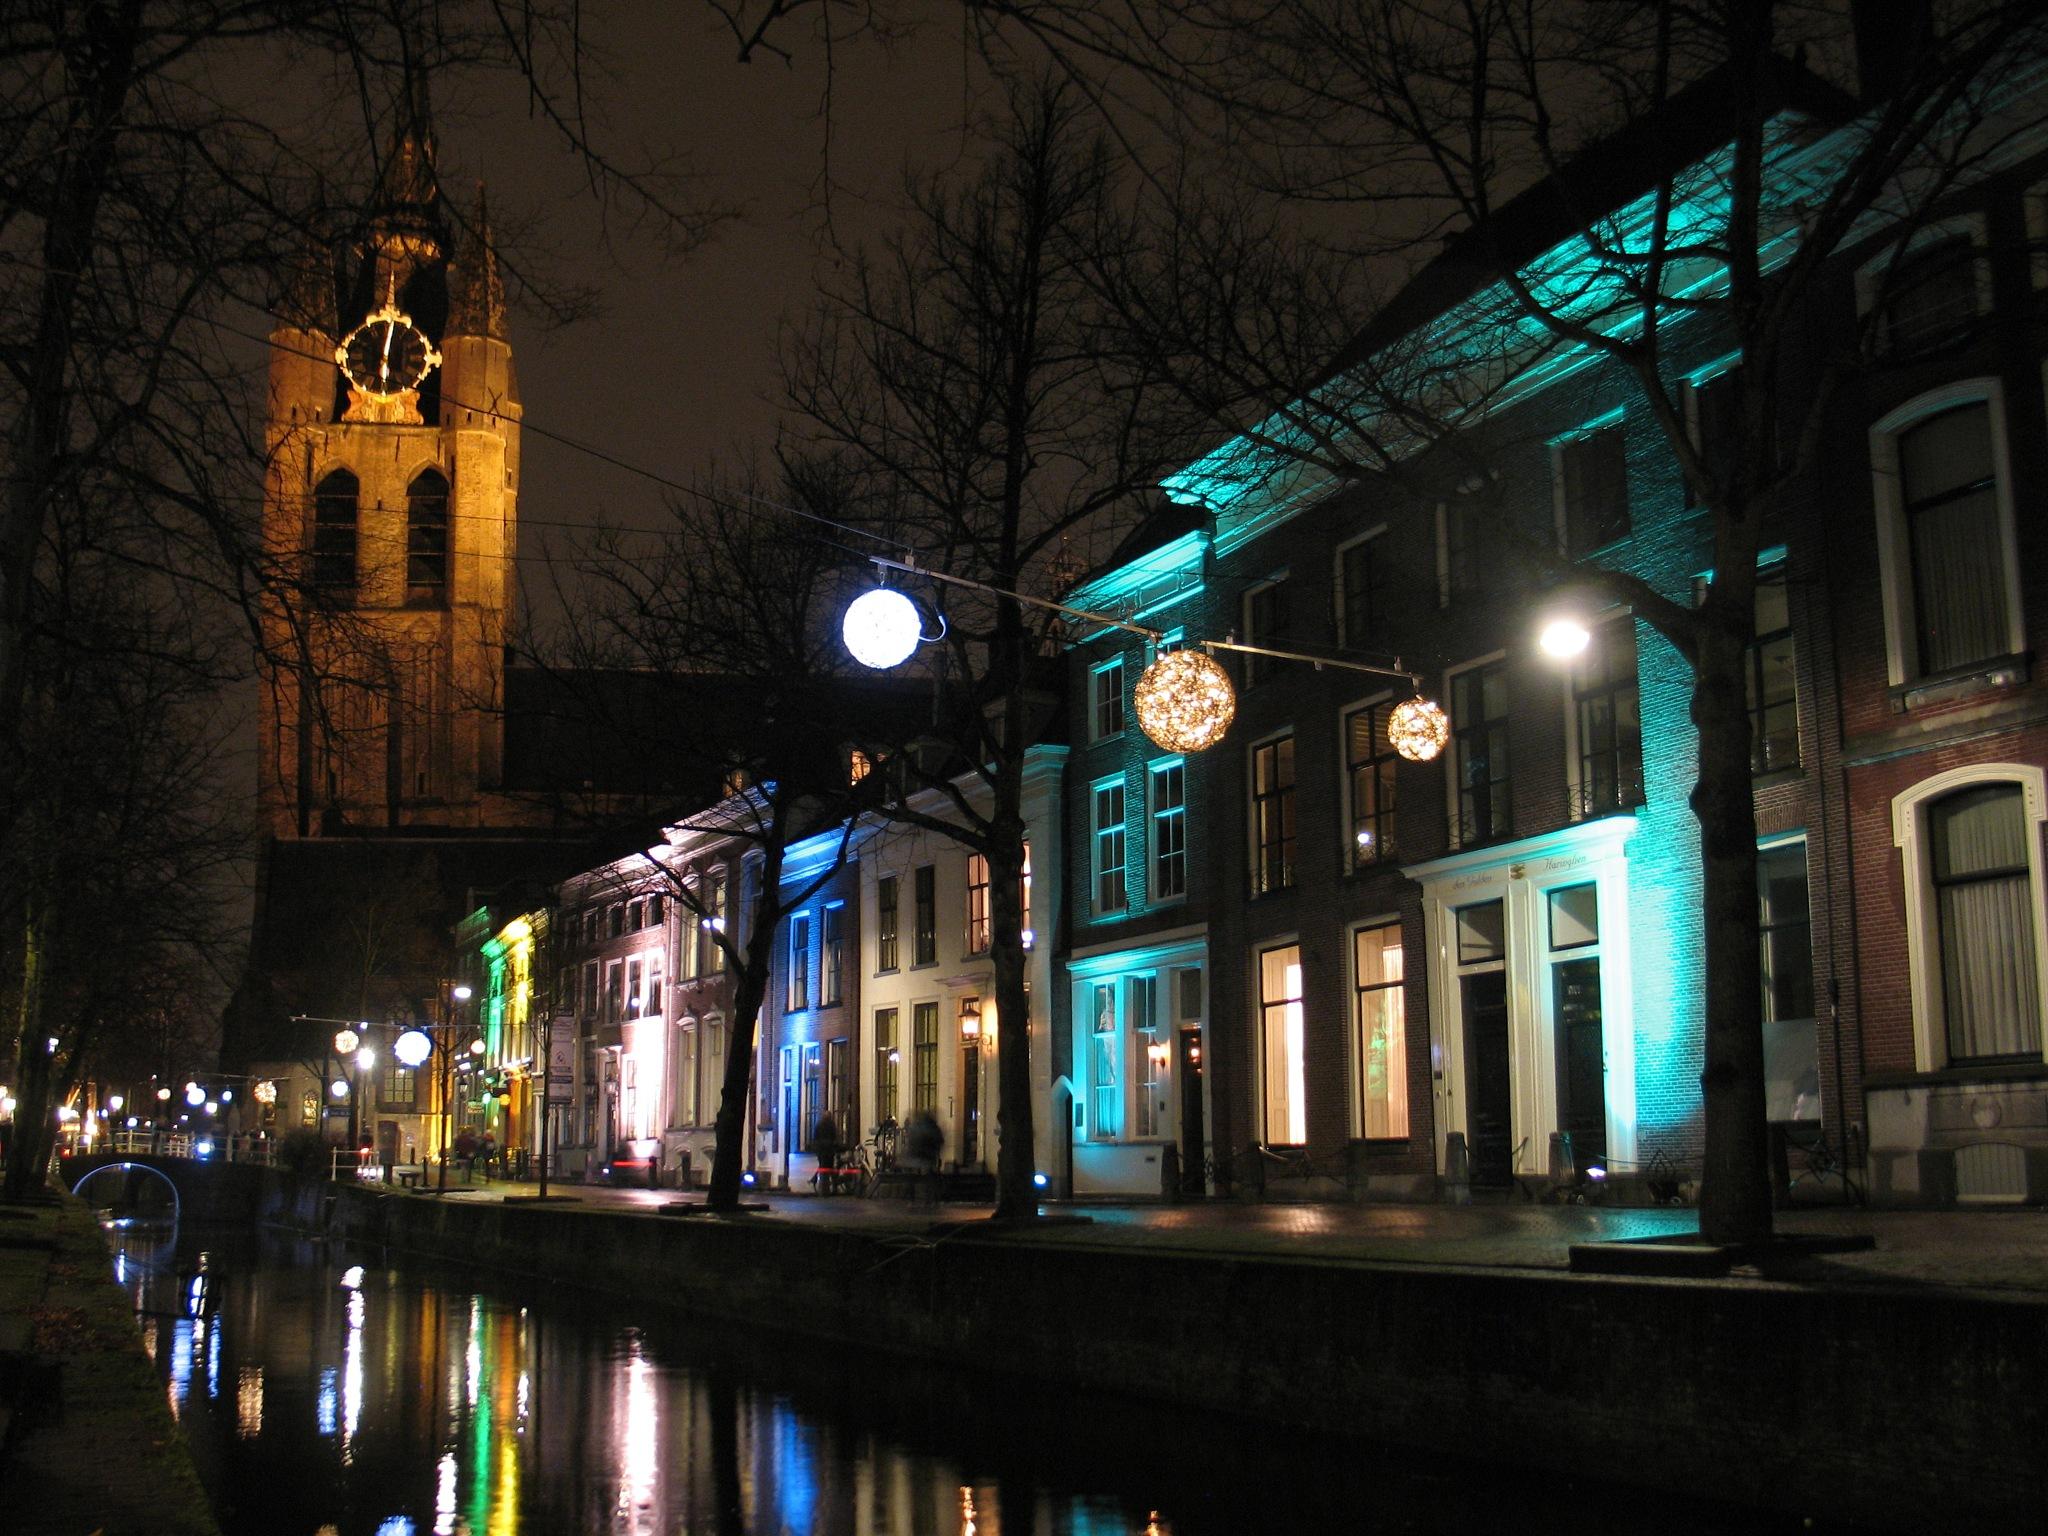 Delft - Lichtjesavond  by Fokko Verboom